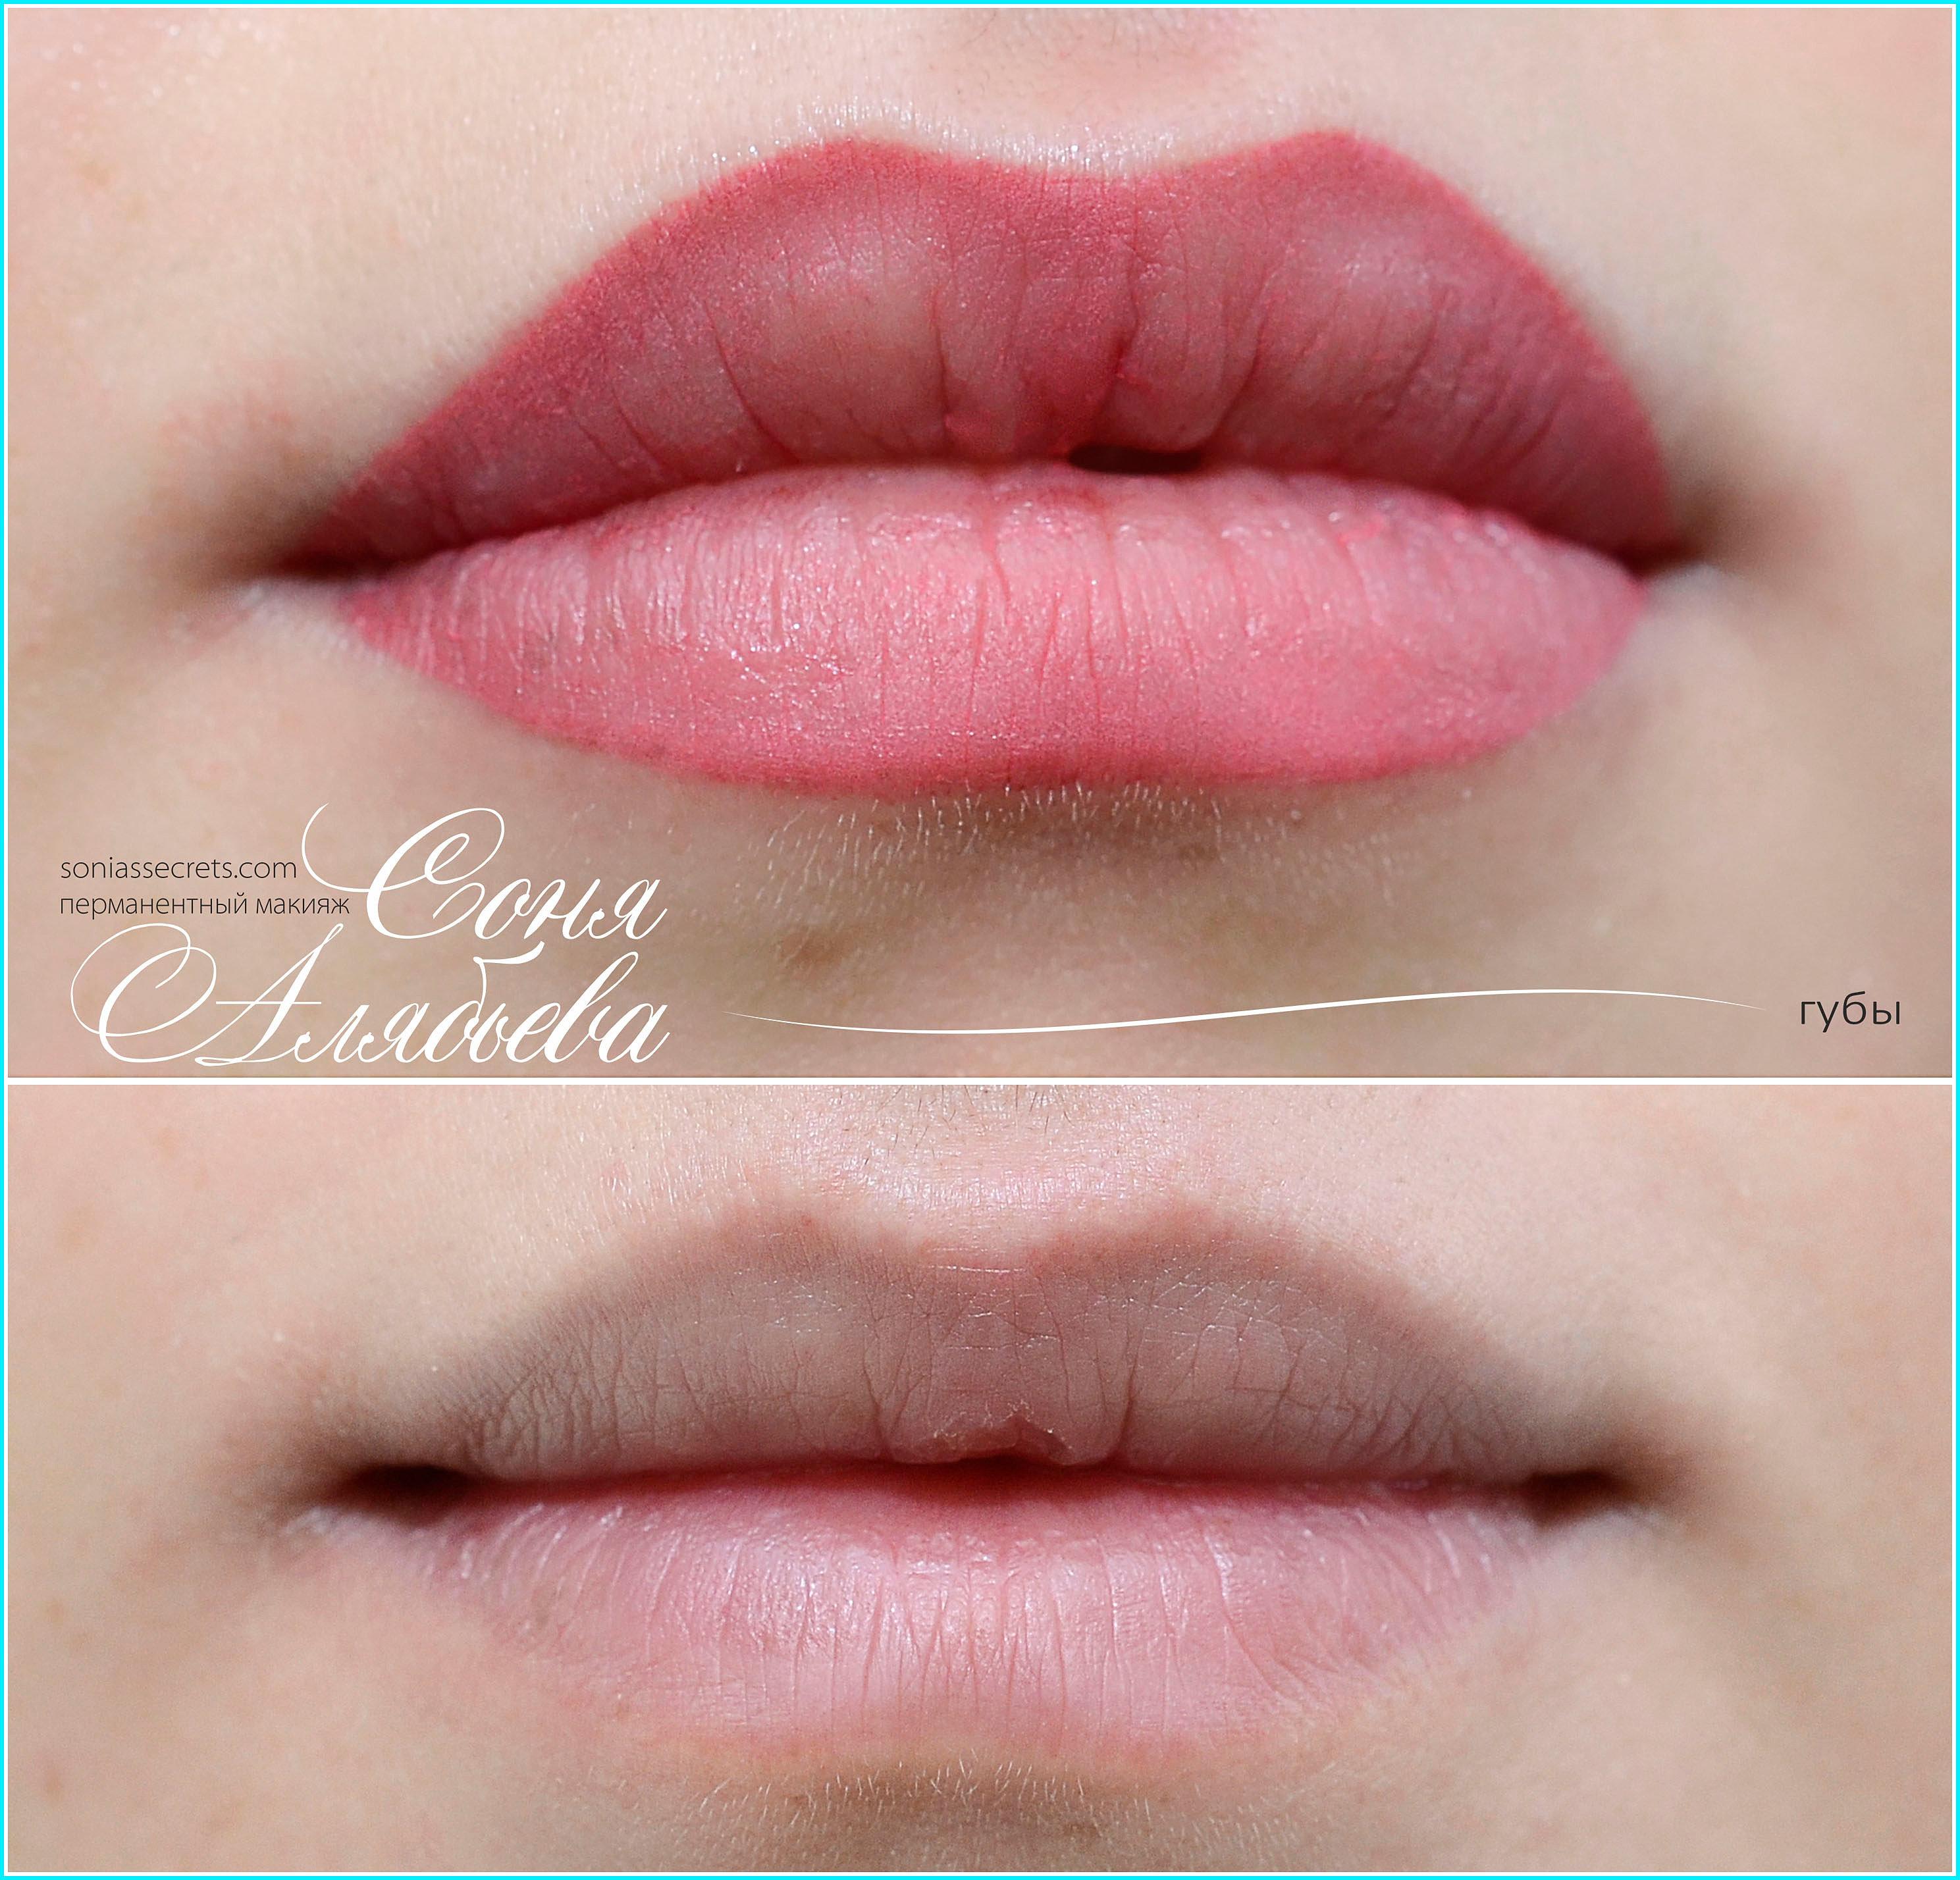 Перманентный макияж губ фото работ